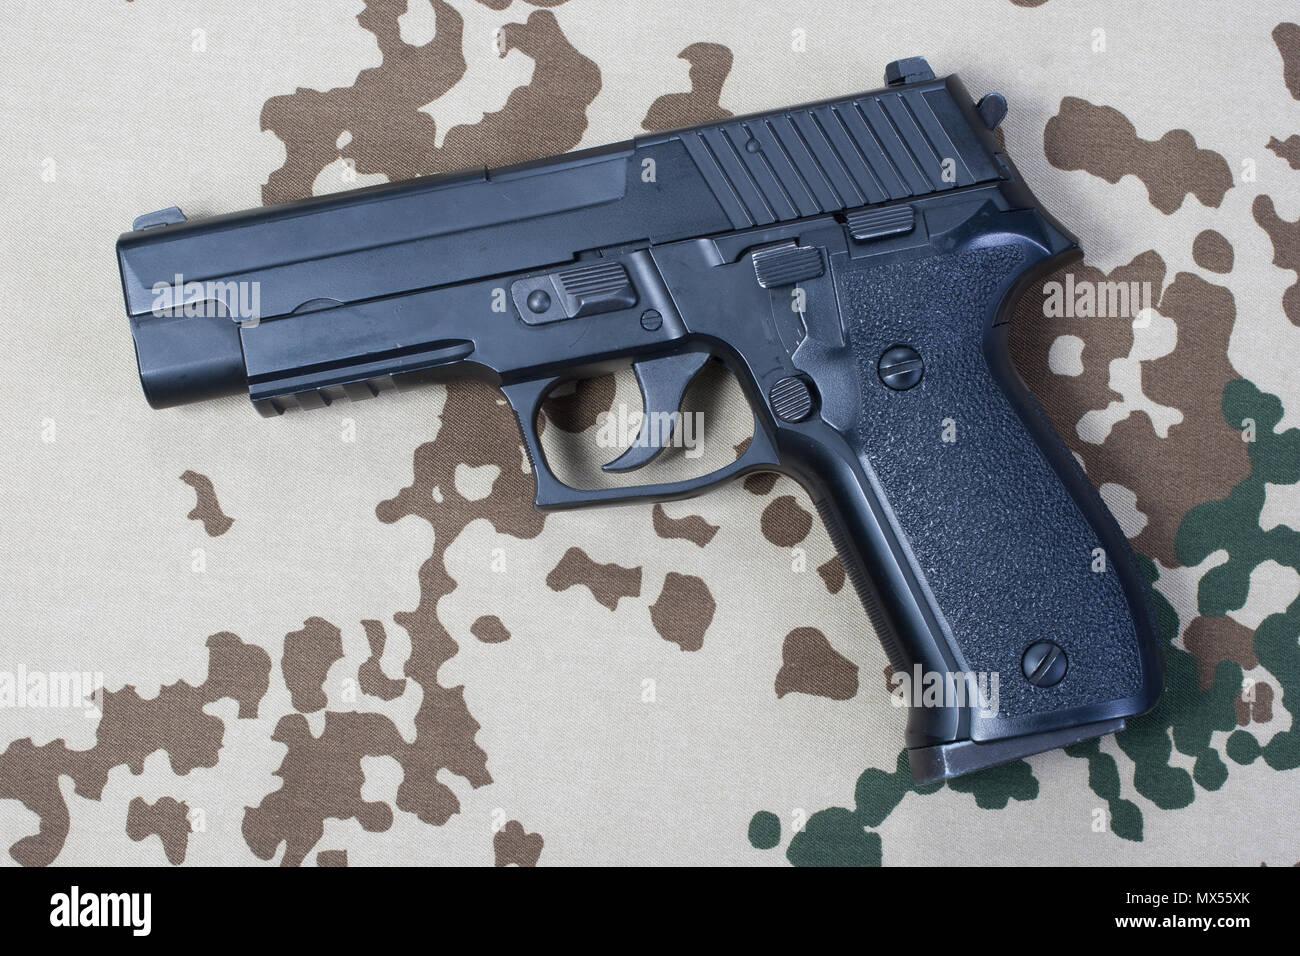 sig sauer hand gun on desert camouflaged background Stock Photo